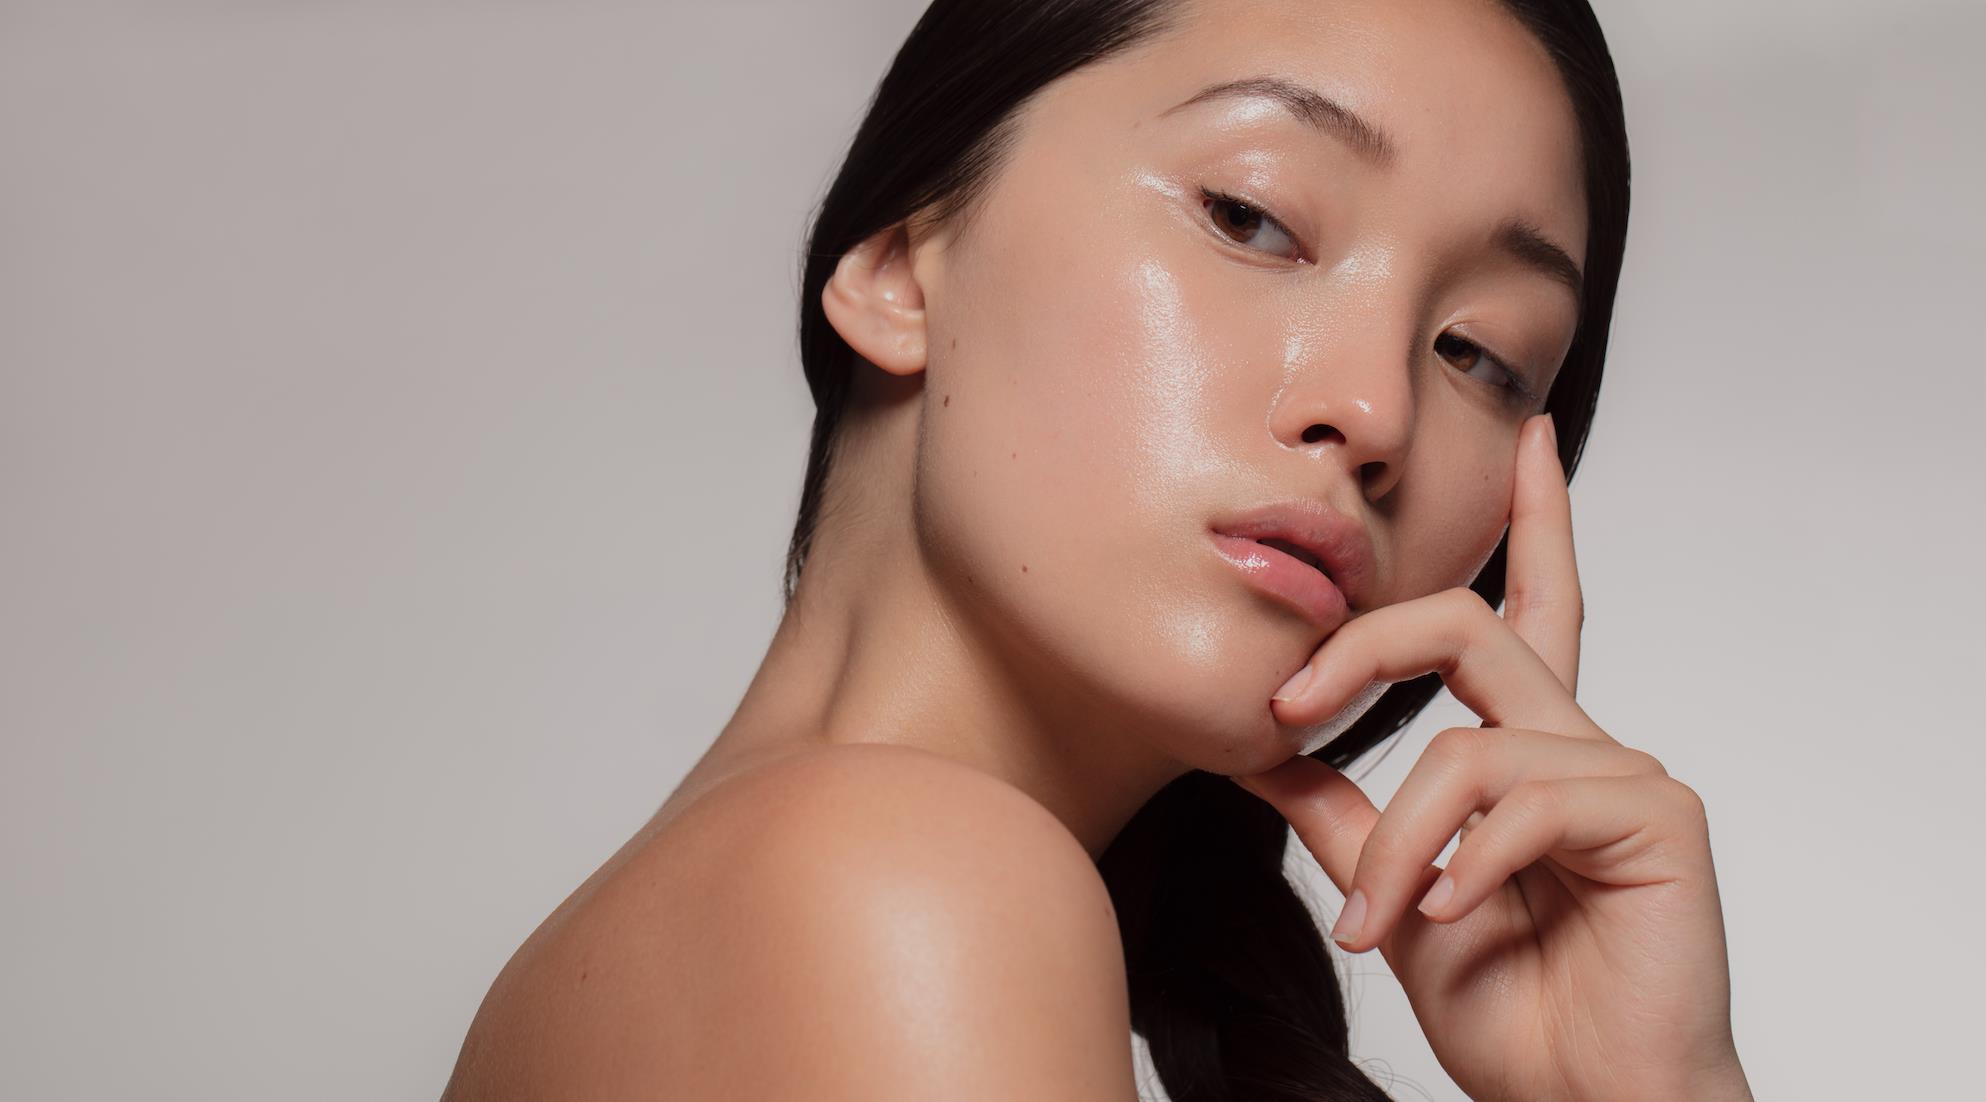 Λαμπερό Δέρμα Προσώπου: Tips για φυσική λάμψη